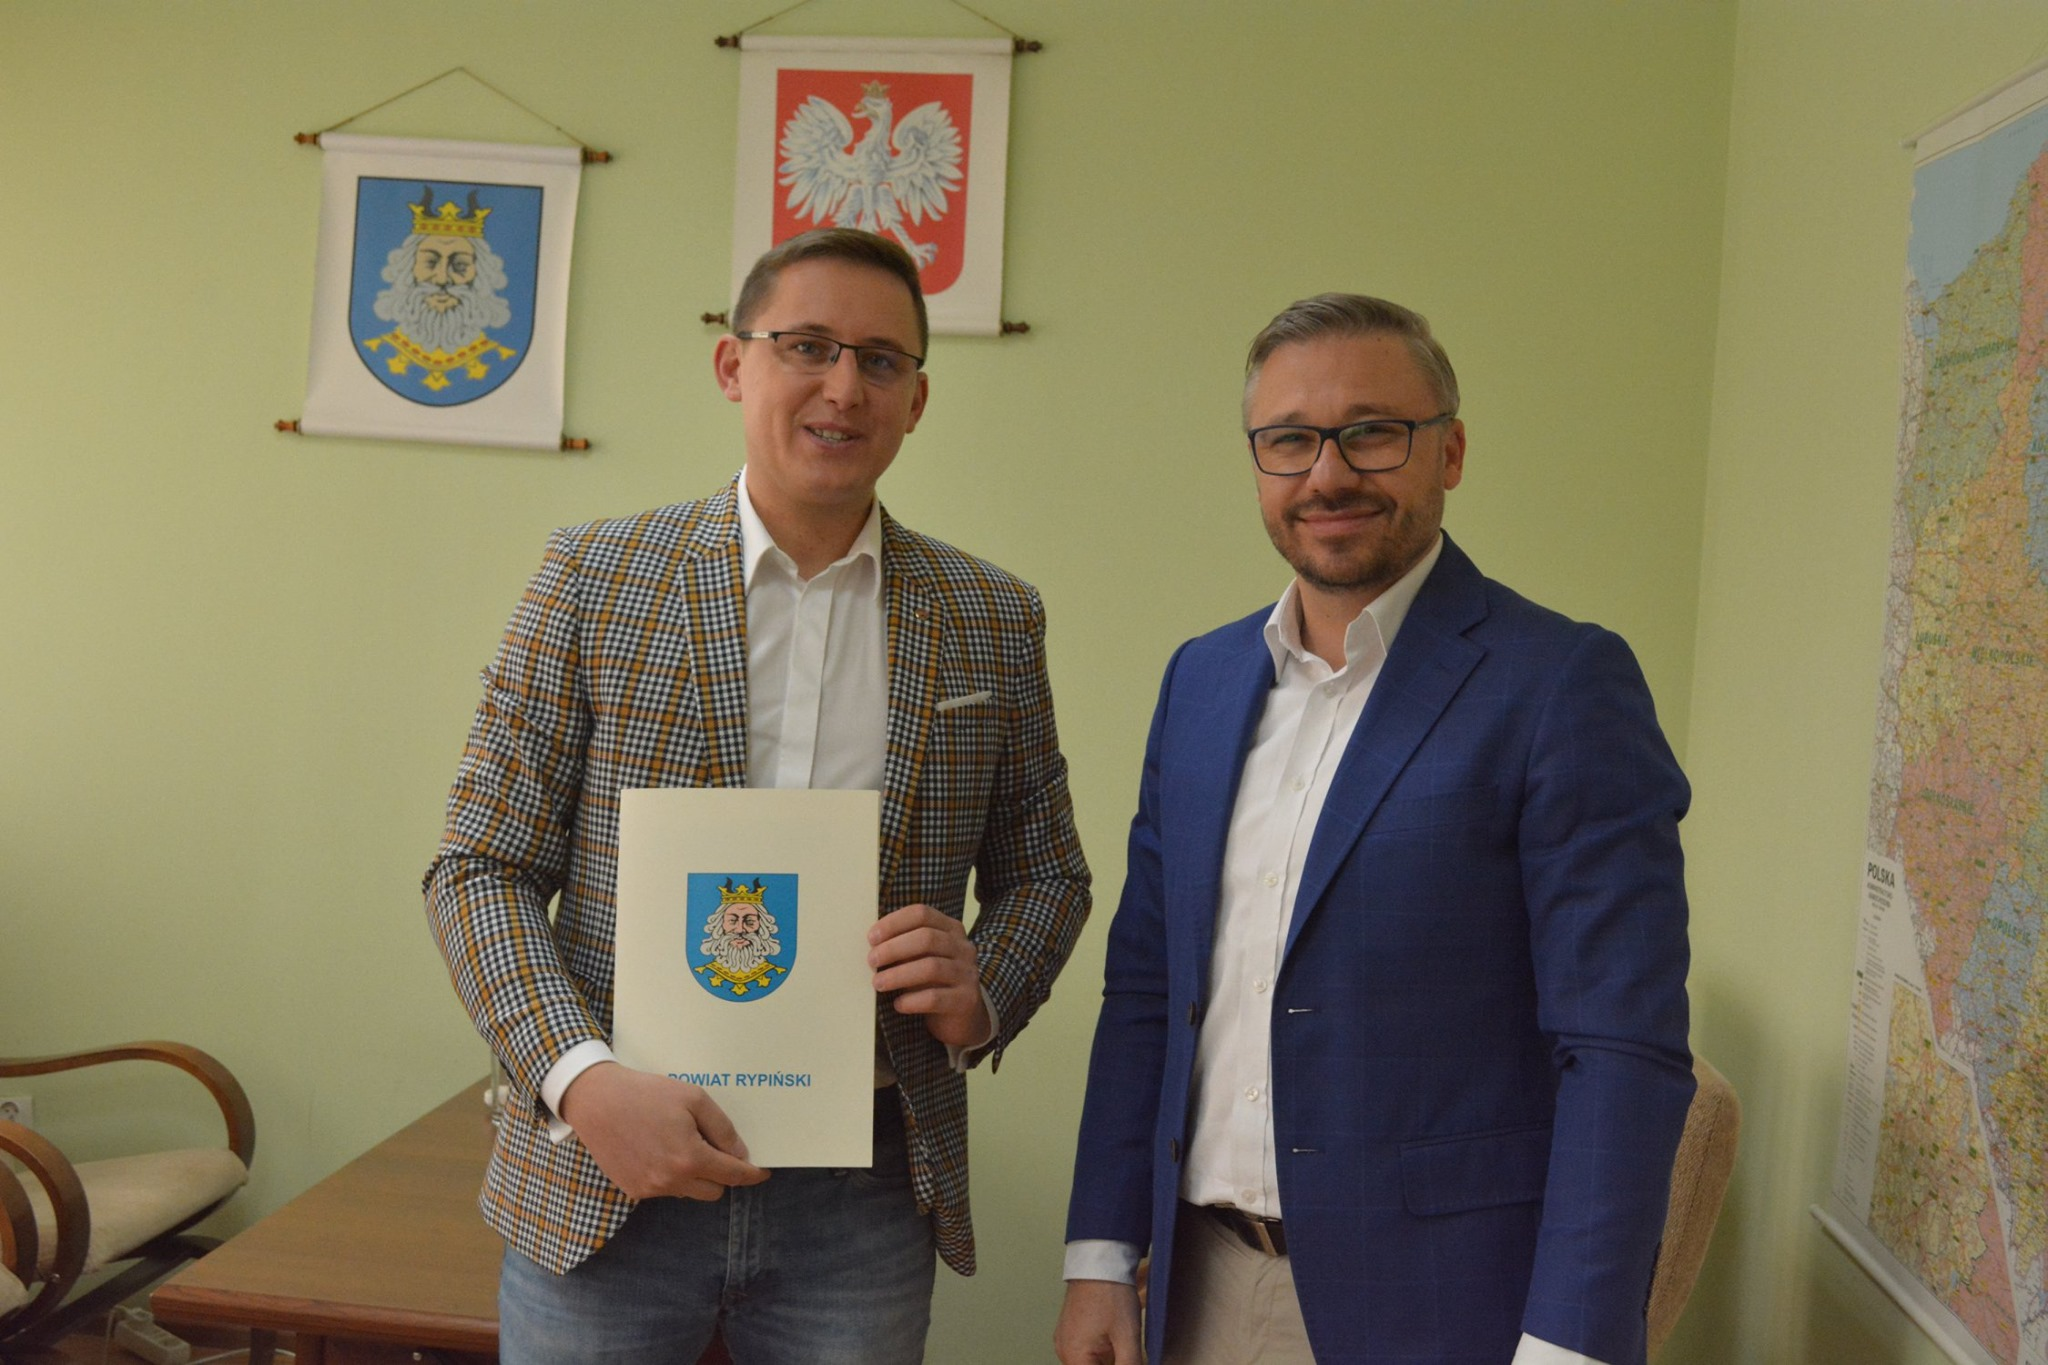 Podpisanie umowy na budowę placówki opiekuńczo-wychowawczej w Rypinie